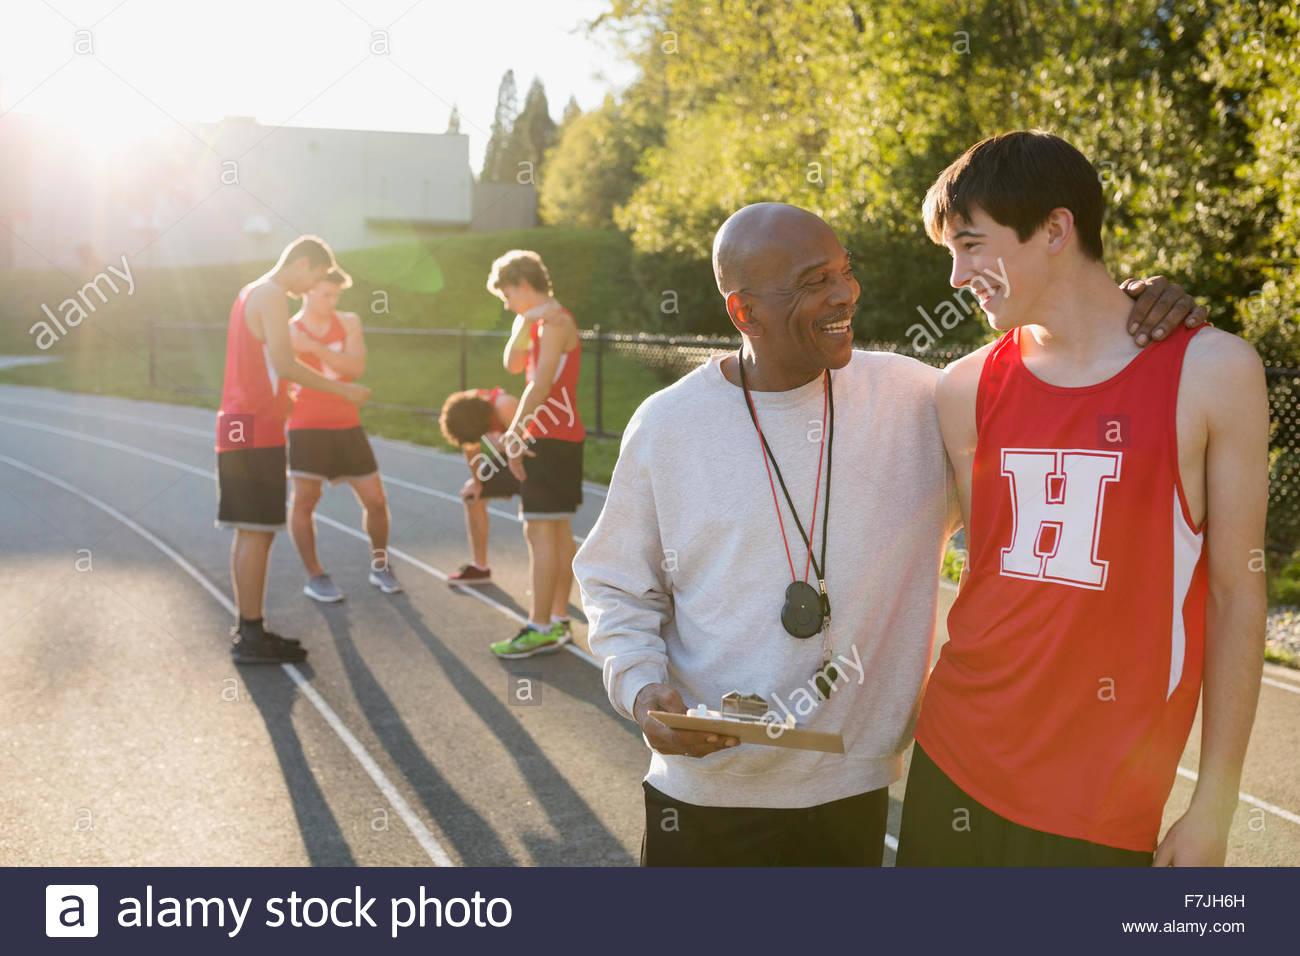 Orgulloso entrenador high school atleta de pista y campo Imagen De Stock